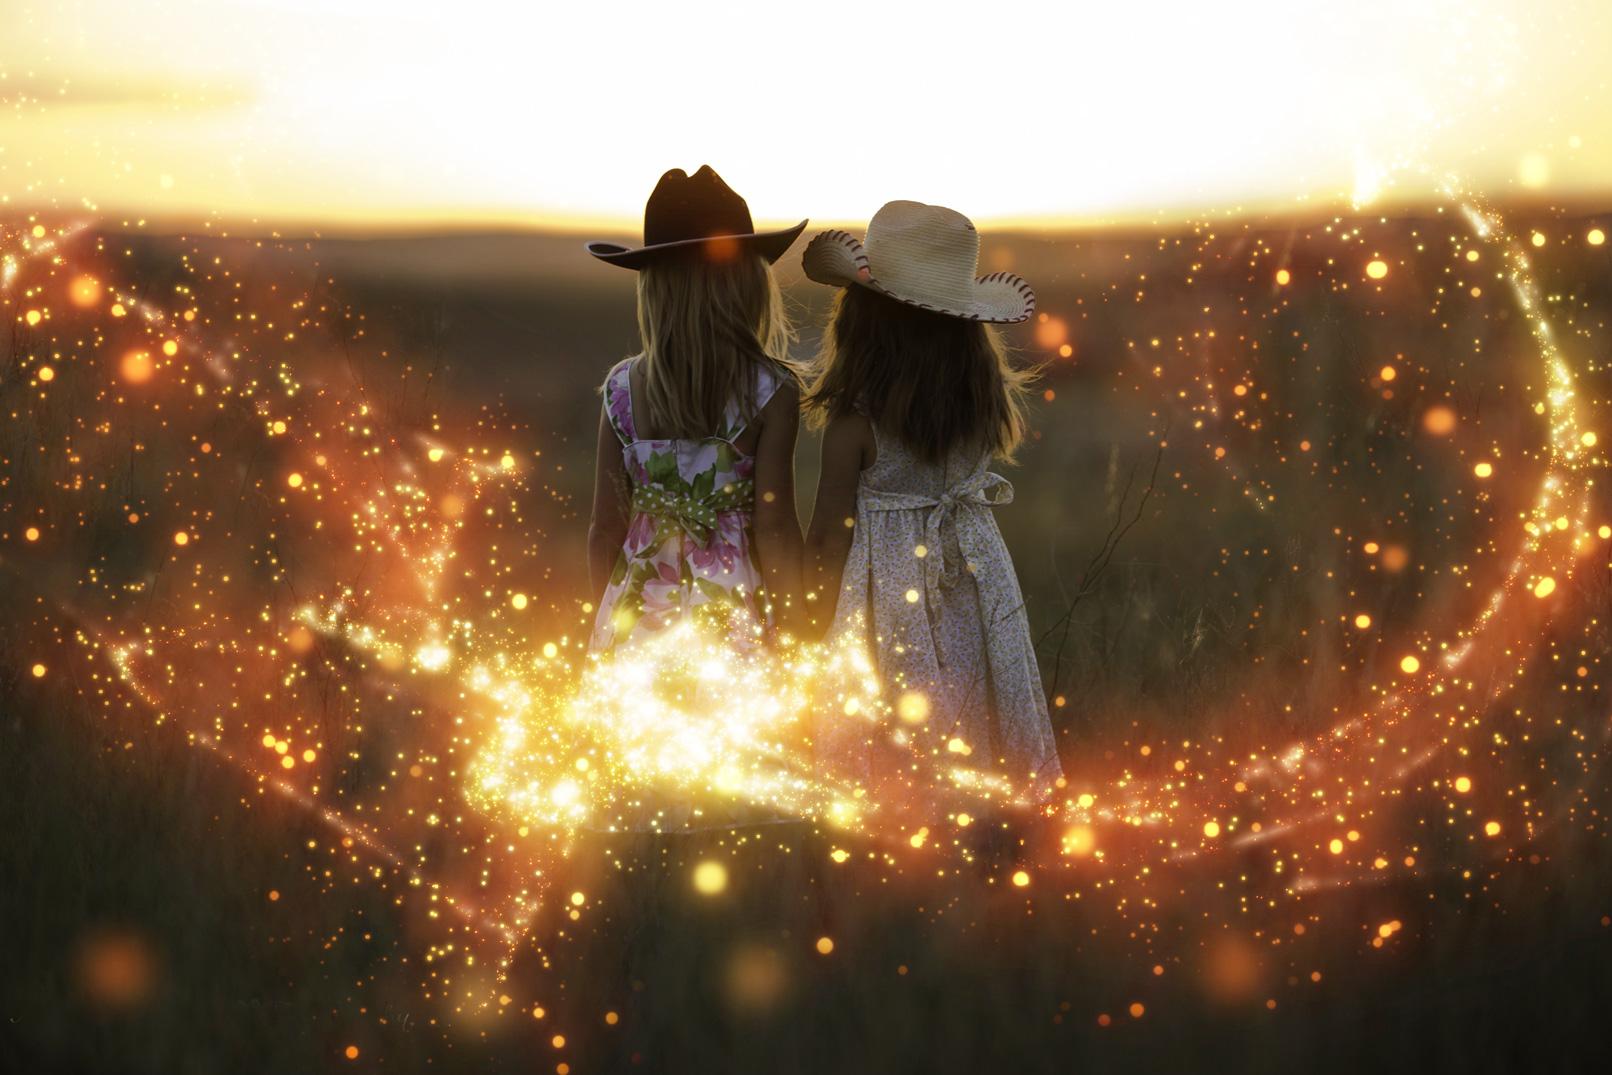 Zwei Mädchen auf einem Feld, Foto mit Glitzereffekt überlagert